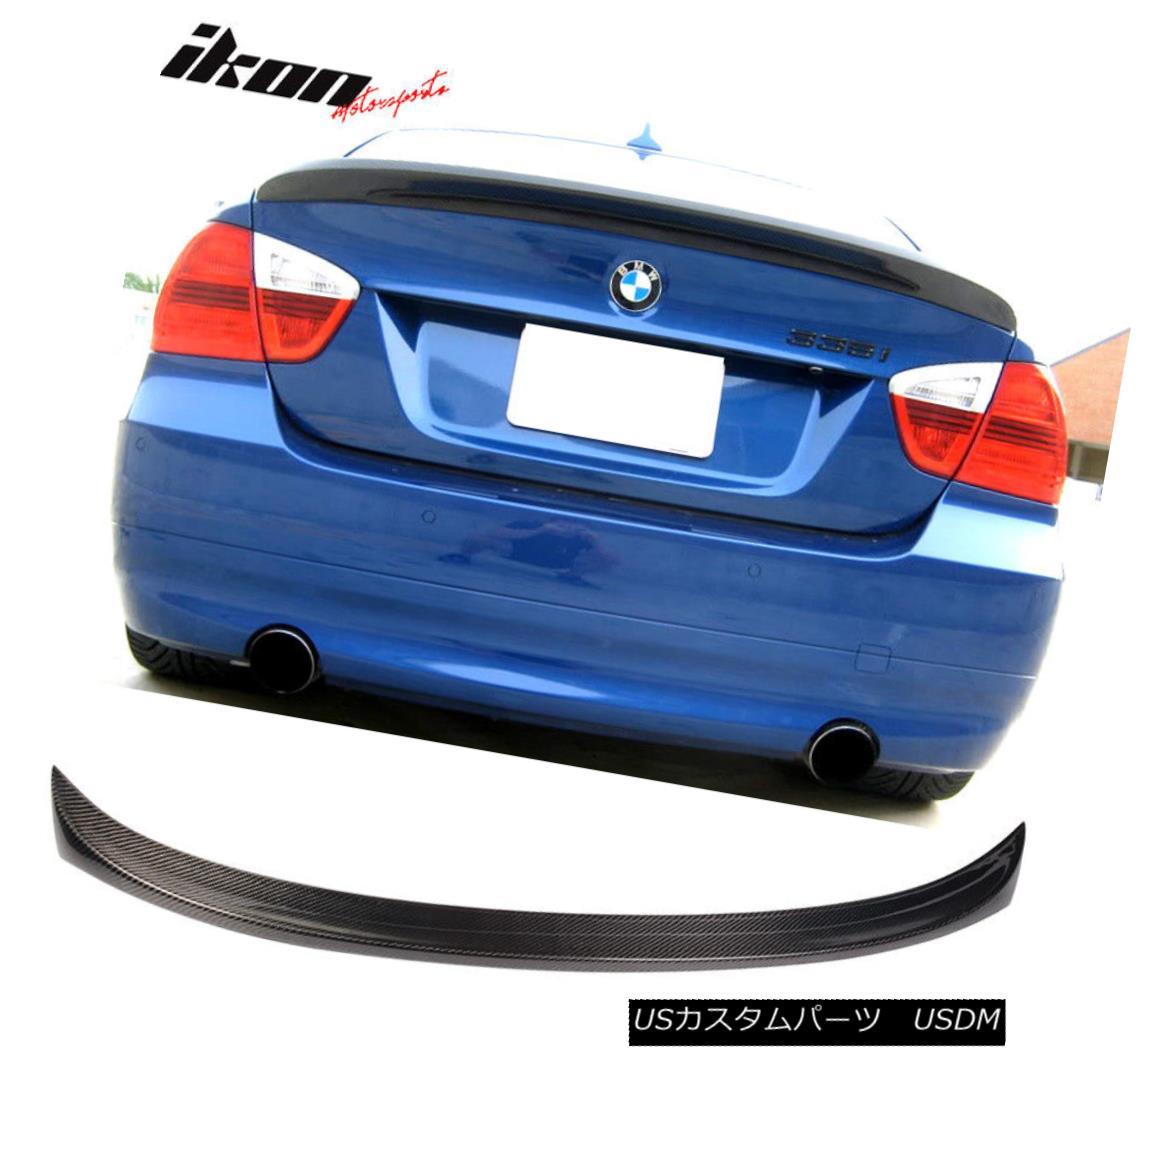 エアロパーツ Fits 05-11 BMW E90 3-Series Sedan M-Tech Msport Carbon Fiber (CF) Trunk Spoiler フィット05-11 BMW E90 3シリーズセダンM-Tech Msportカーボンファイバー(CF)トランク・スポイラー